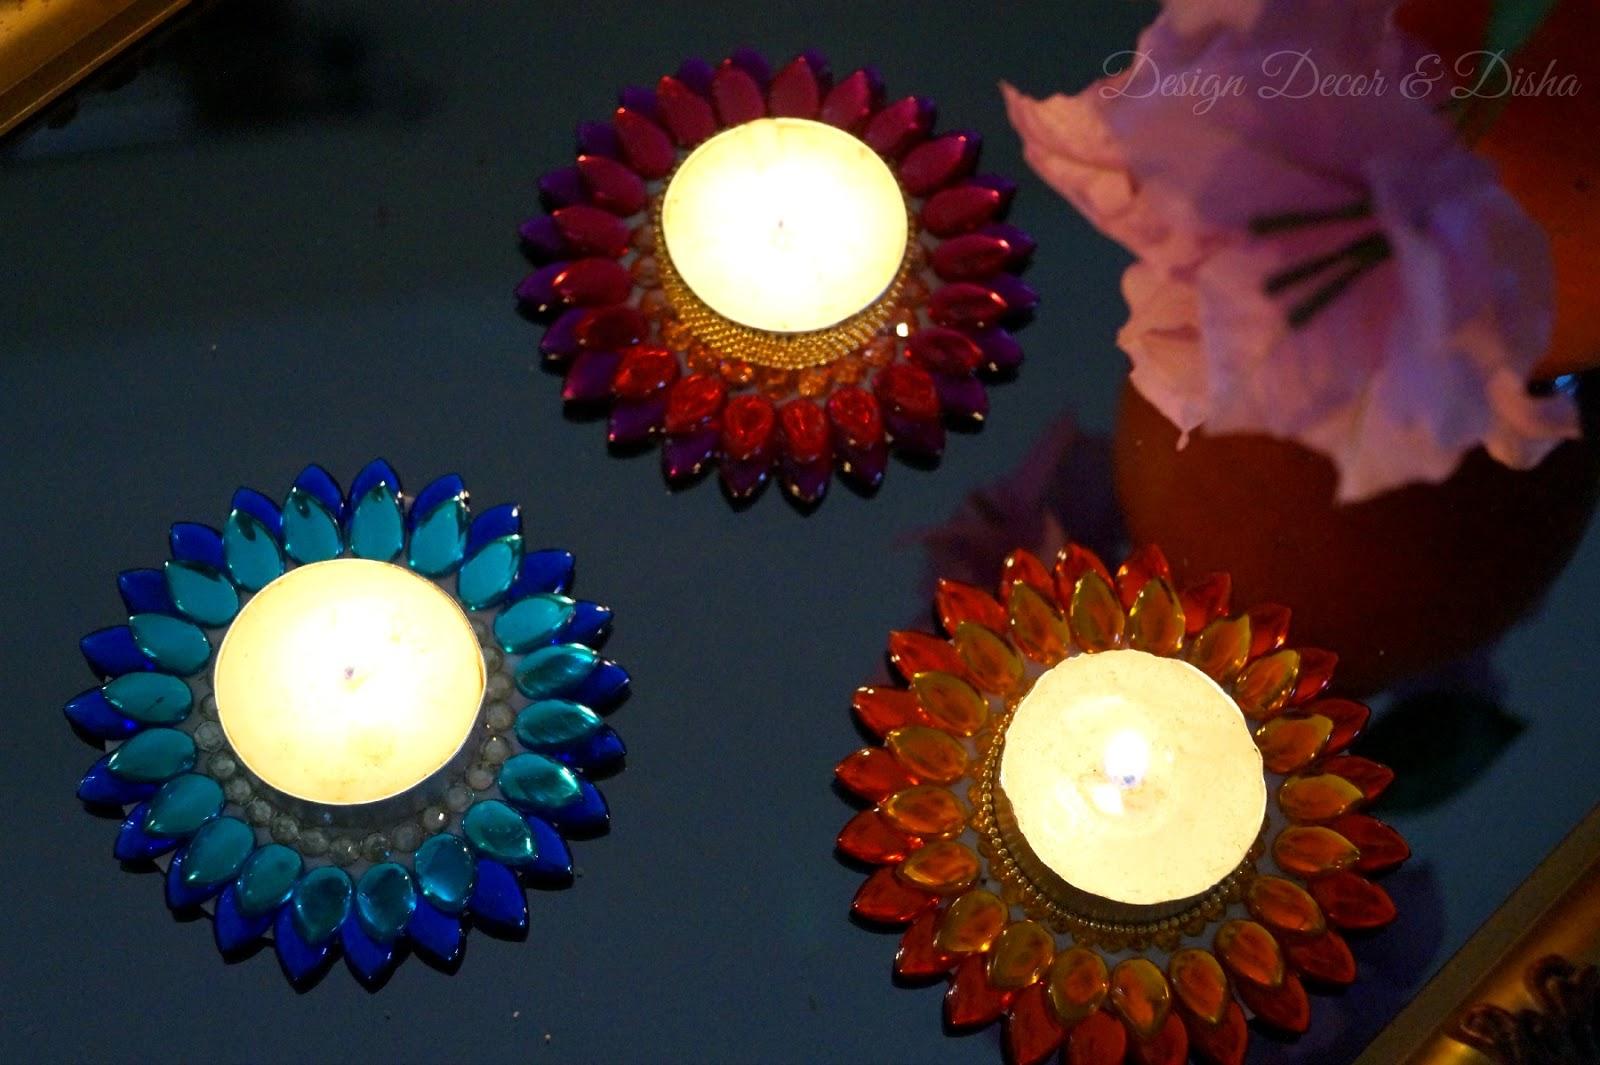 Design Decor Disha An Indian Design Decor Blog Diwali Craft Idea Lotus Tealights Diy